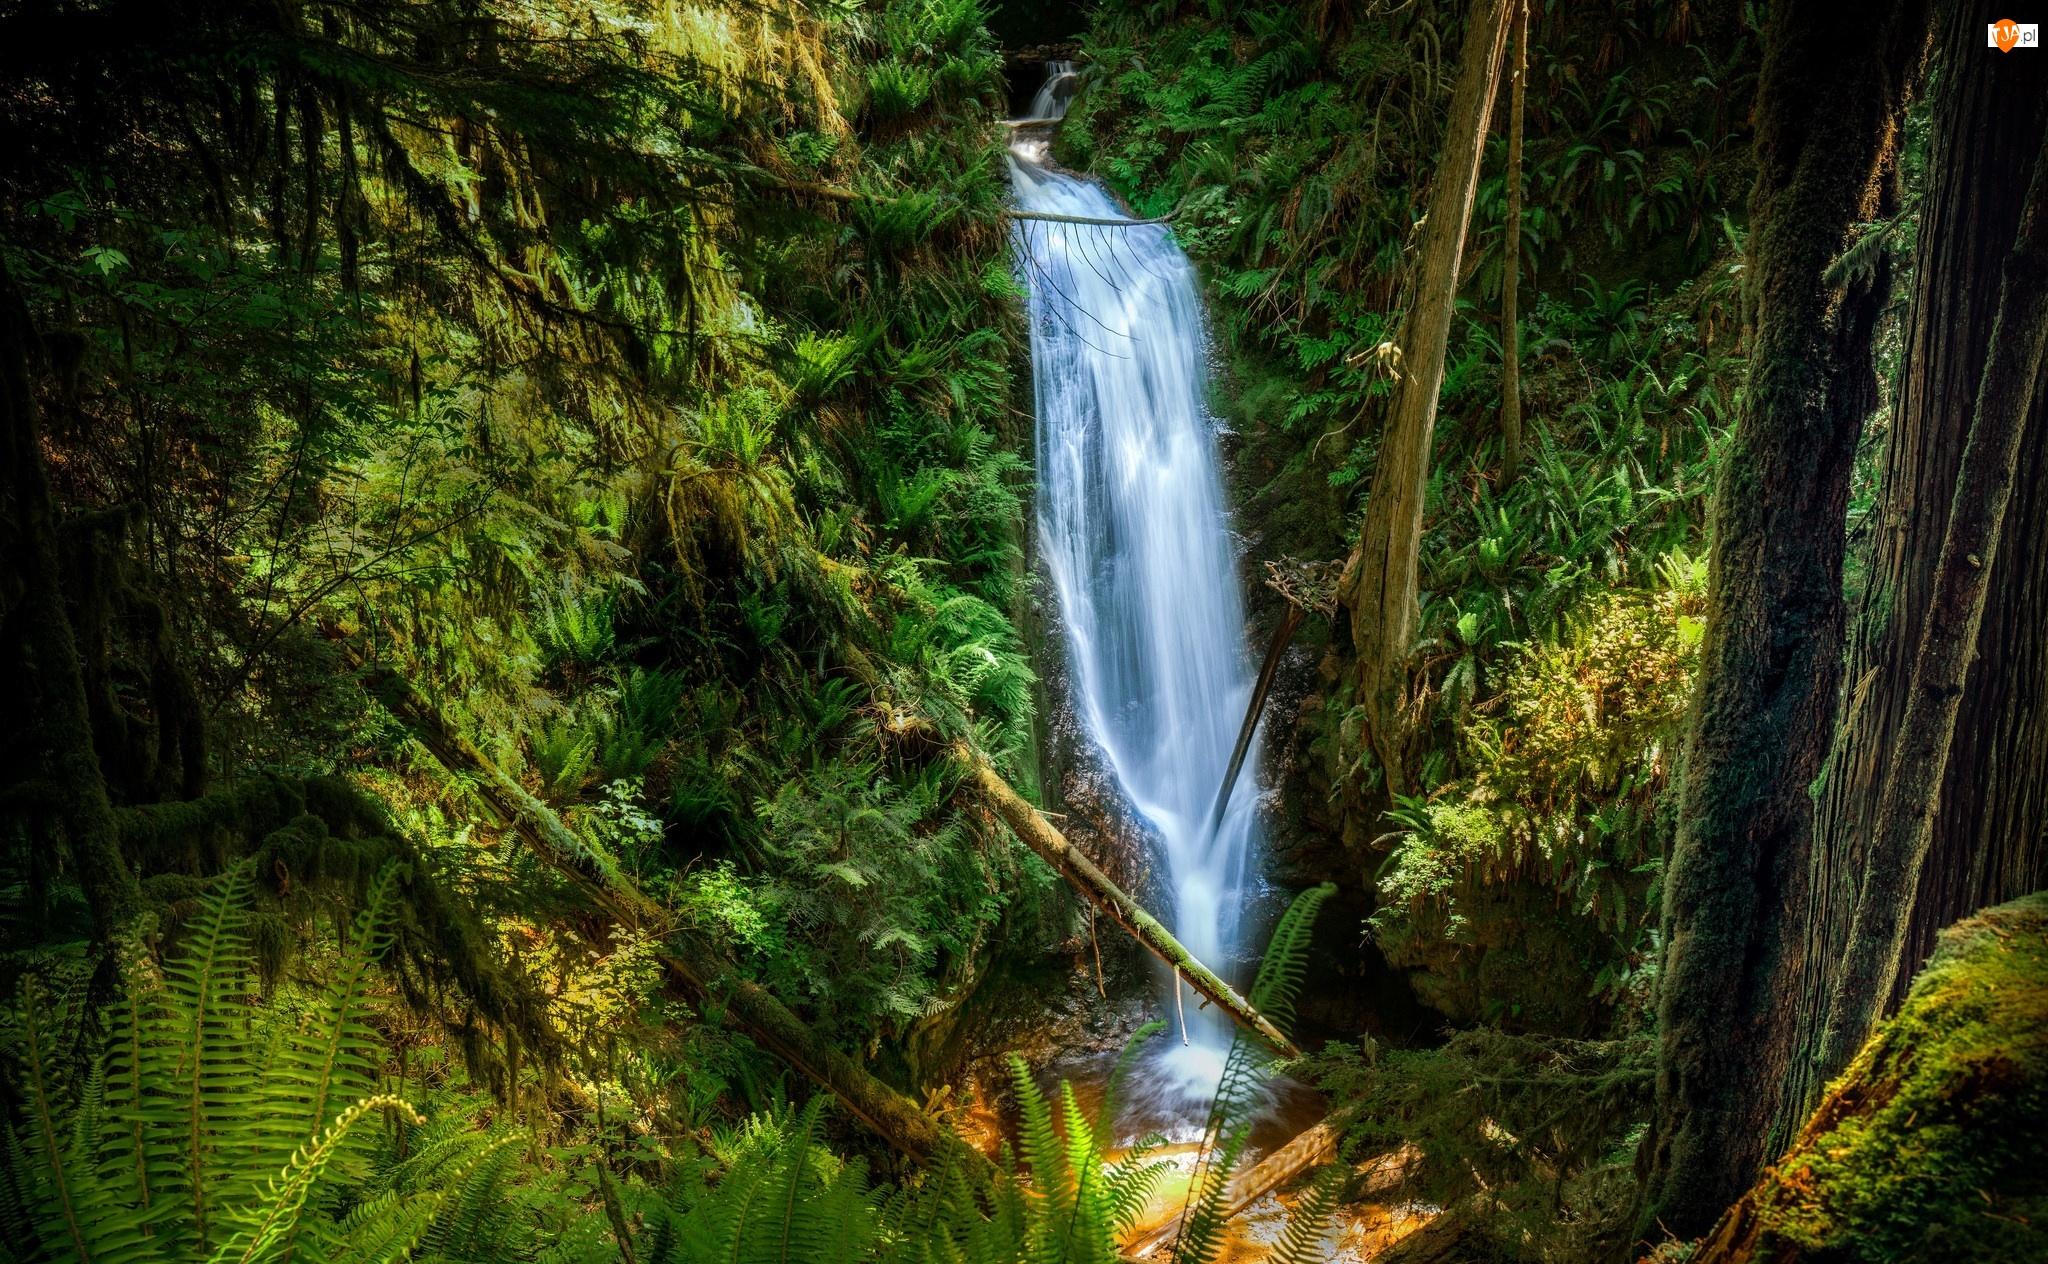 Dżungla, Wodospad, Las